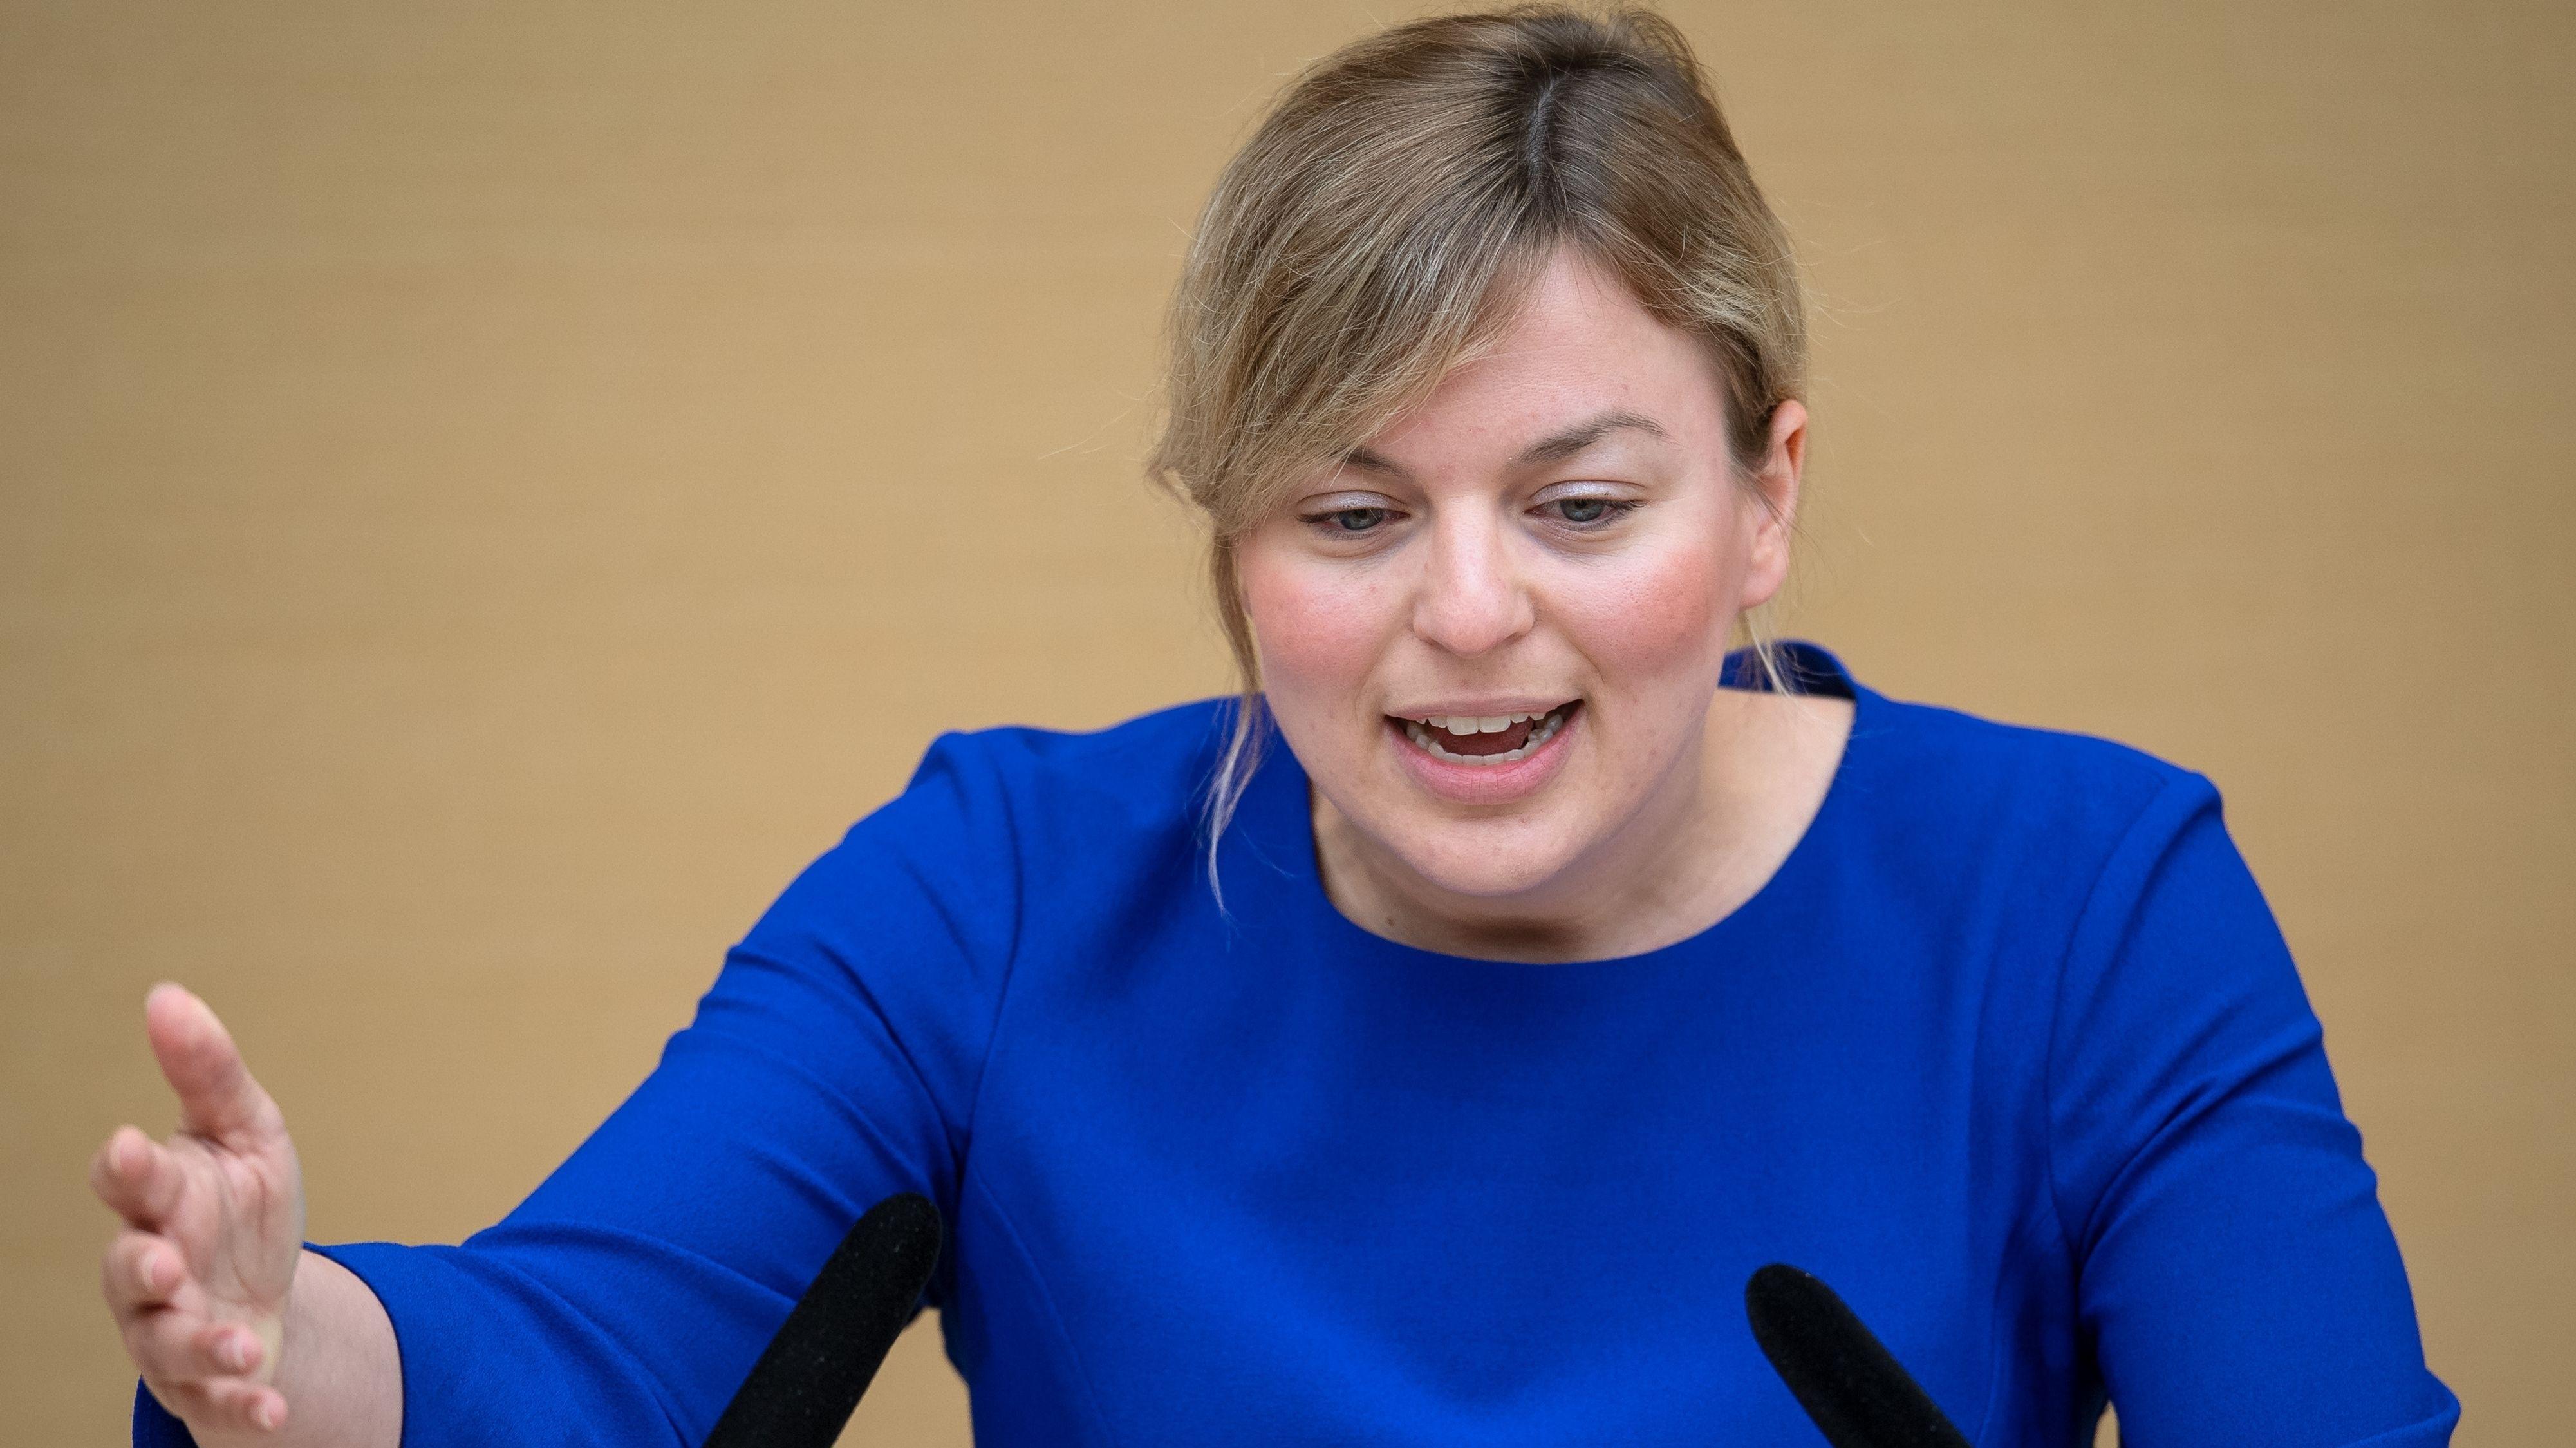 Katharina Schulze, Grünen-Fraktionsvorsitzende im Landtag, spricht im Plenarsaal nach der Regierungserklärung von Ministerpräsident Söder